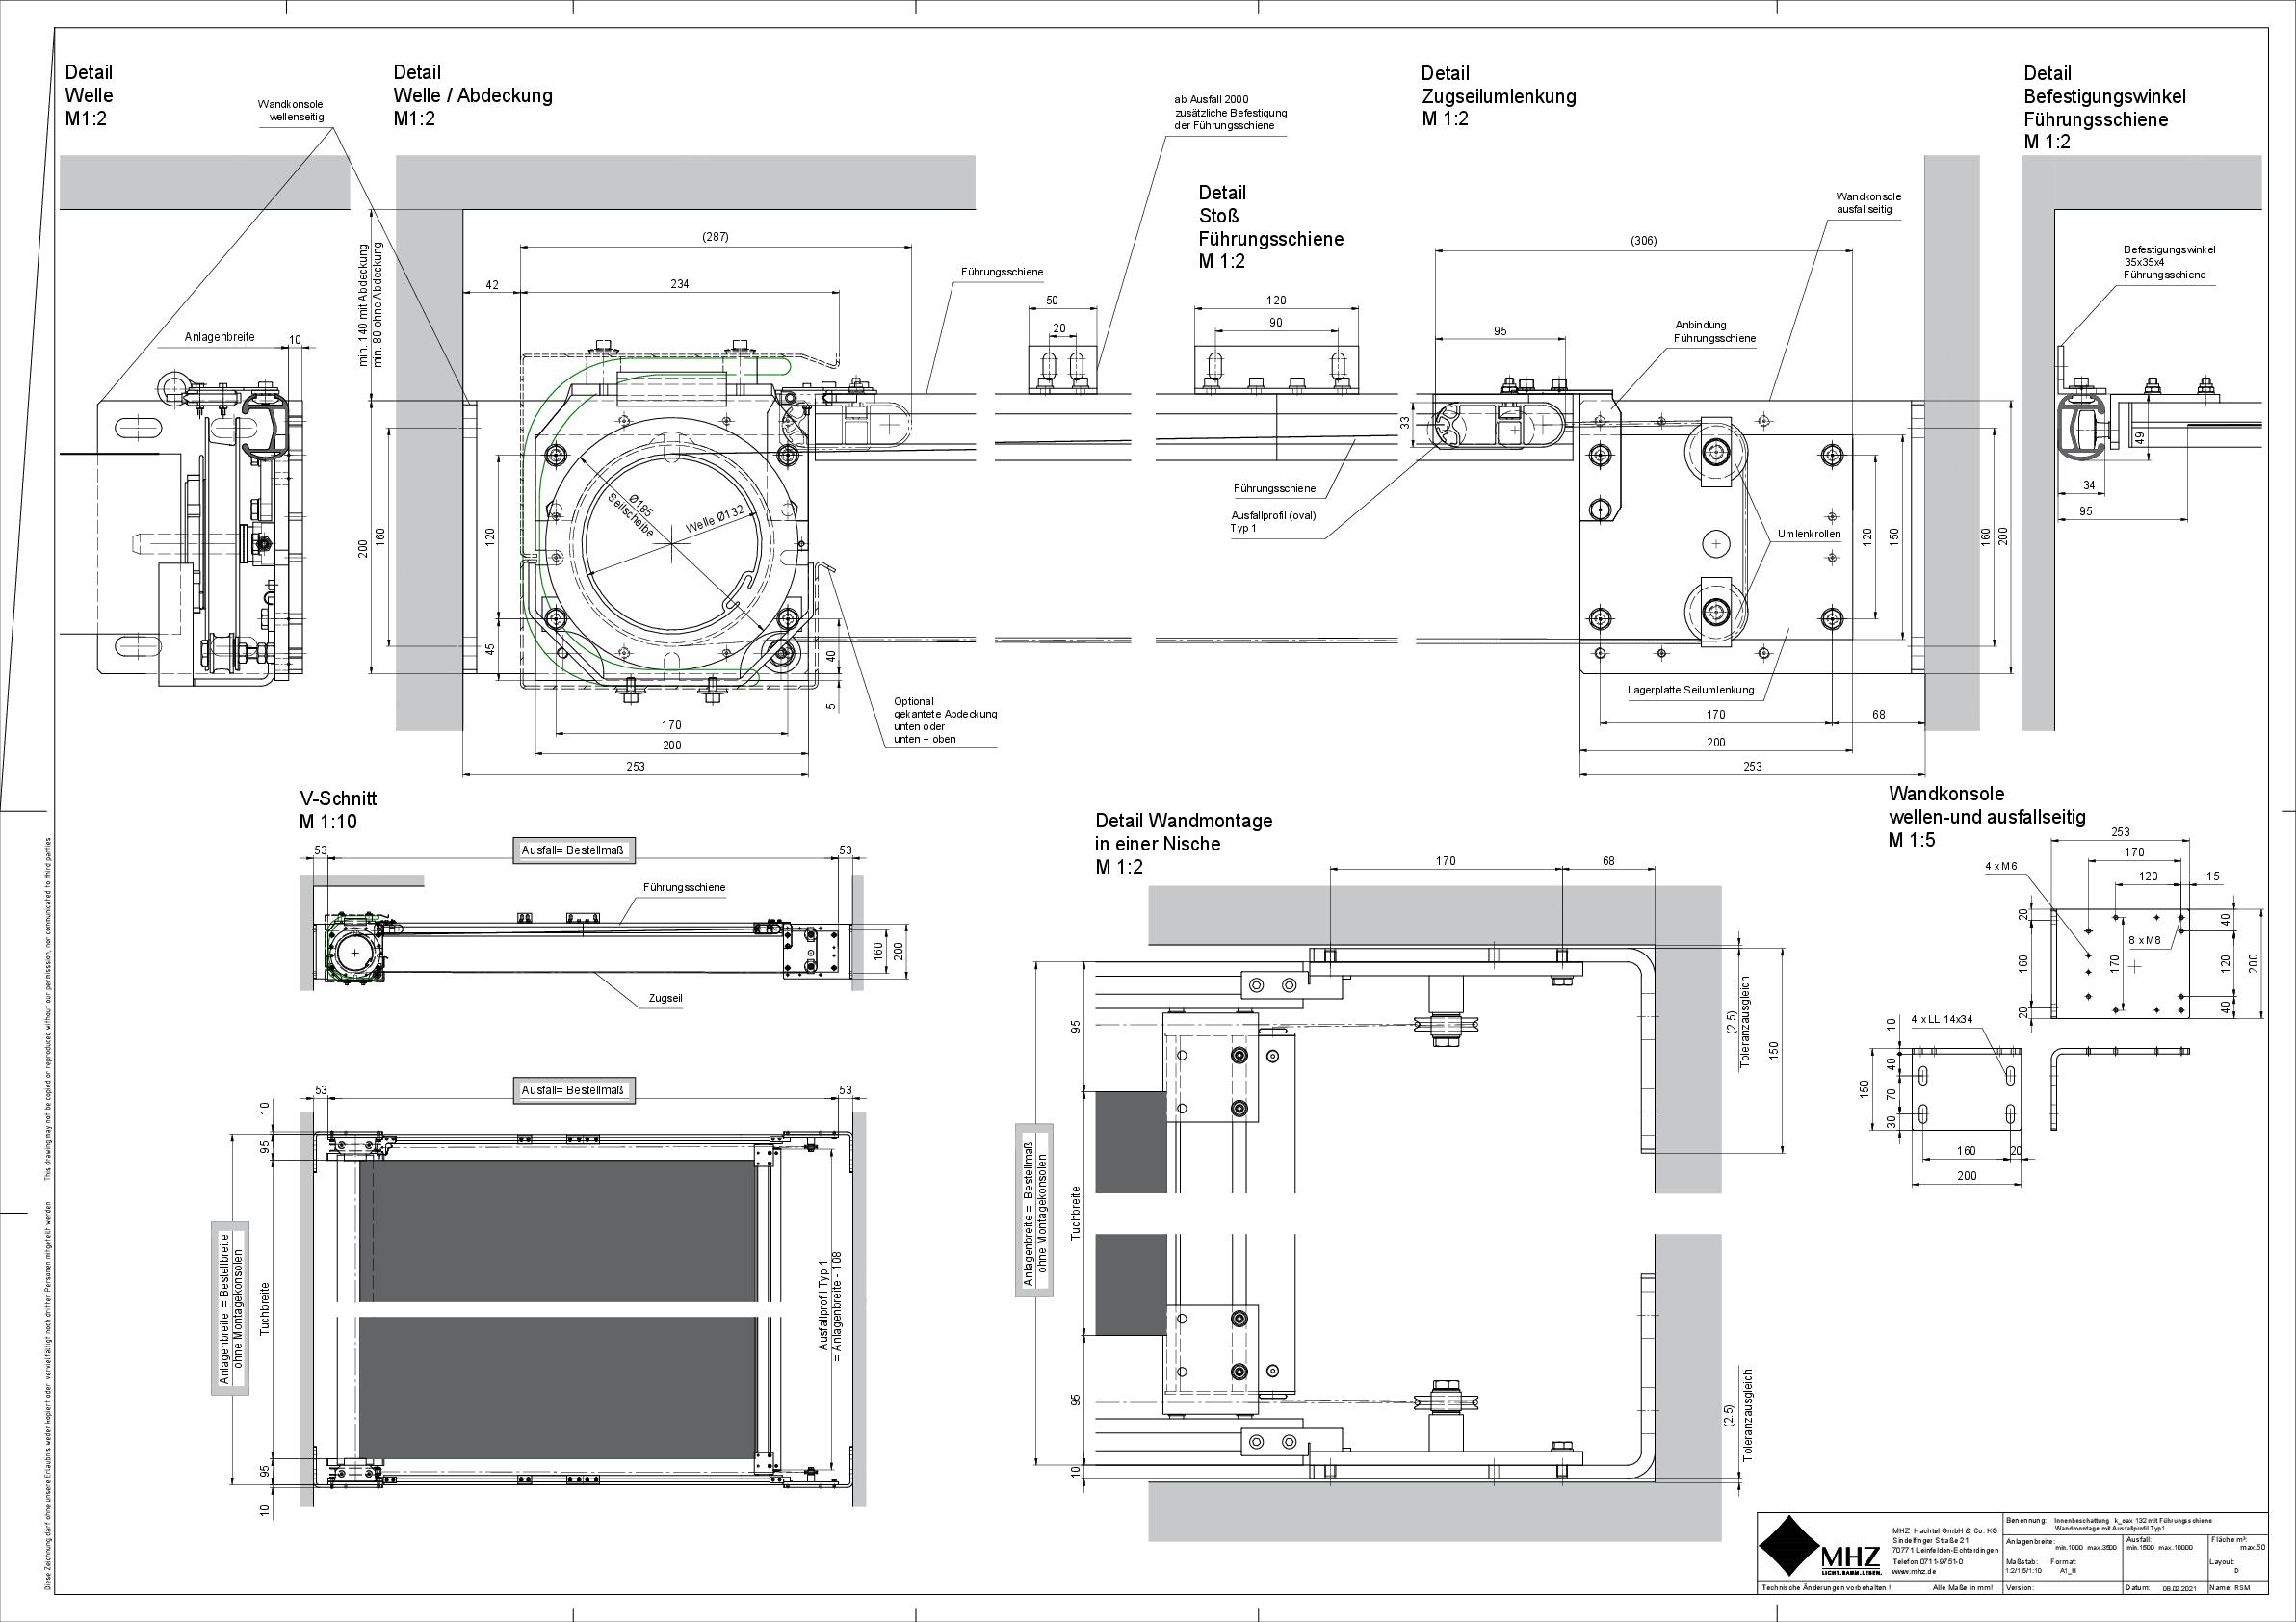 Technische Zeichnung dwg Beschattung k_oax 132 Führungsschiene